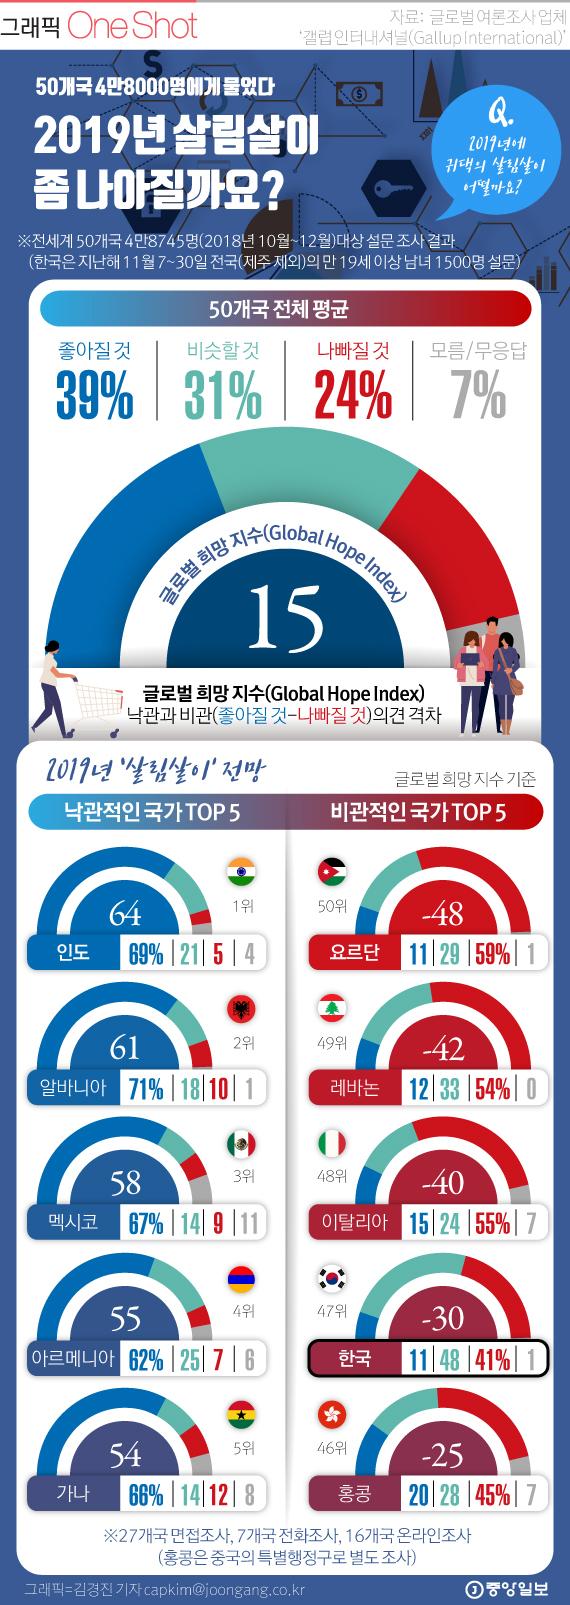 [ONE SHOT] 50개 국민 새해 살림살이 전망…한국인 41% '나빠질 것'